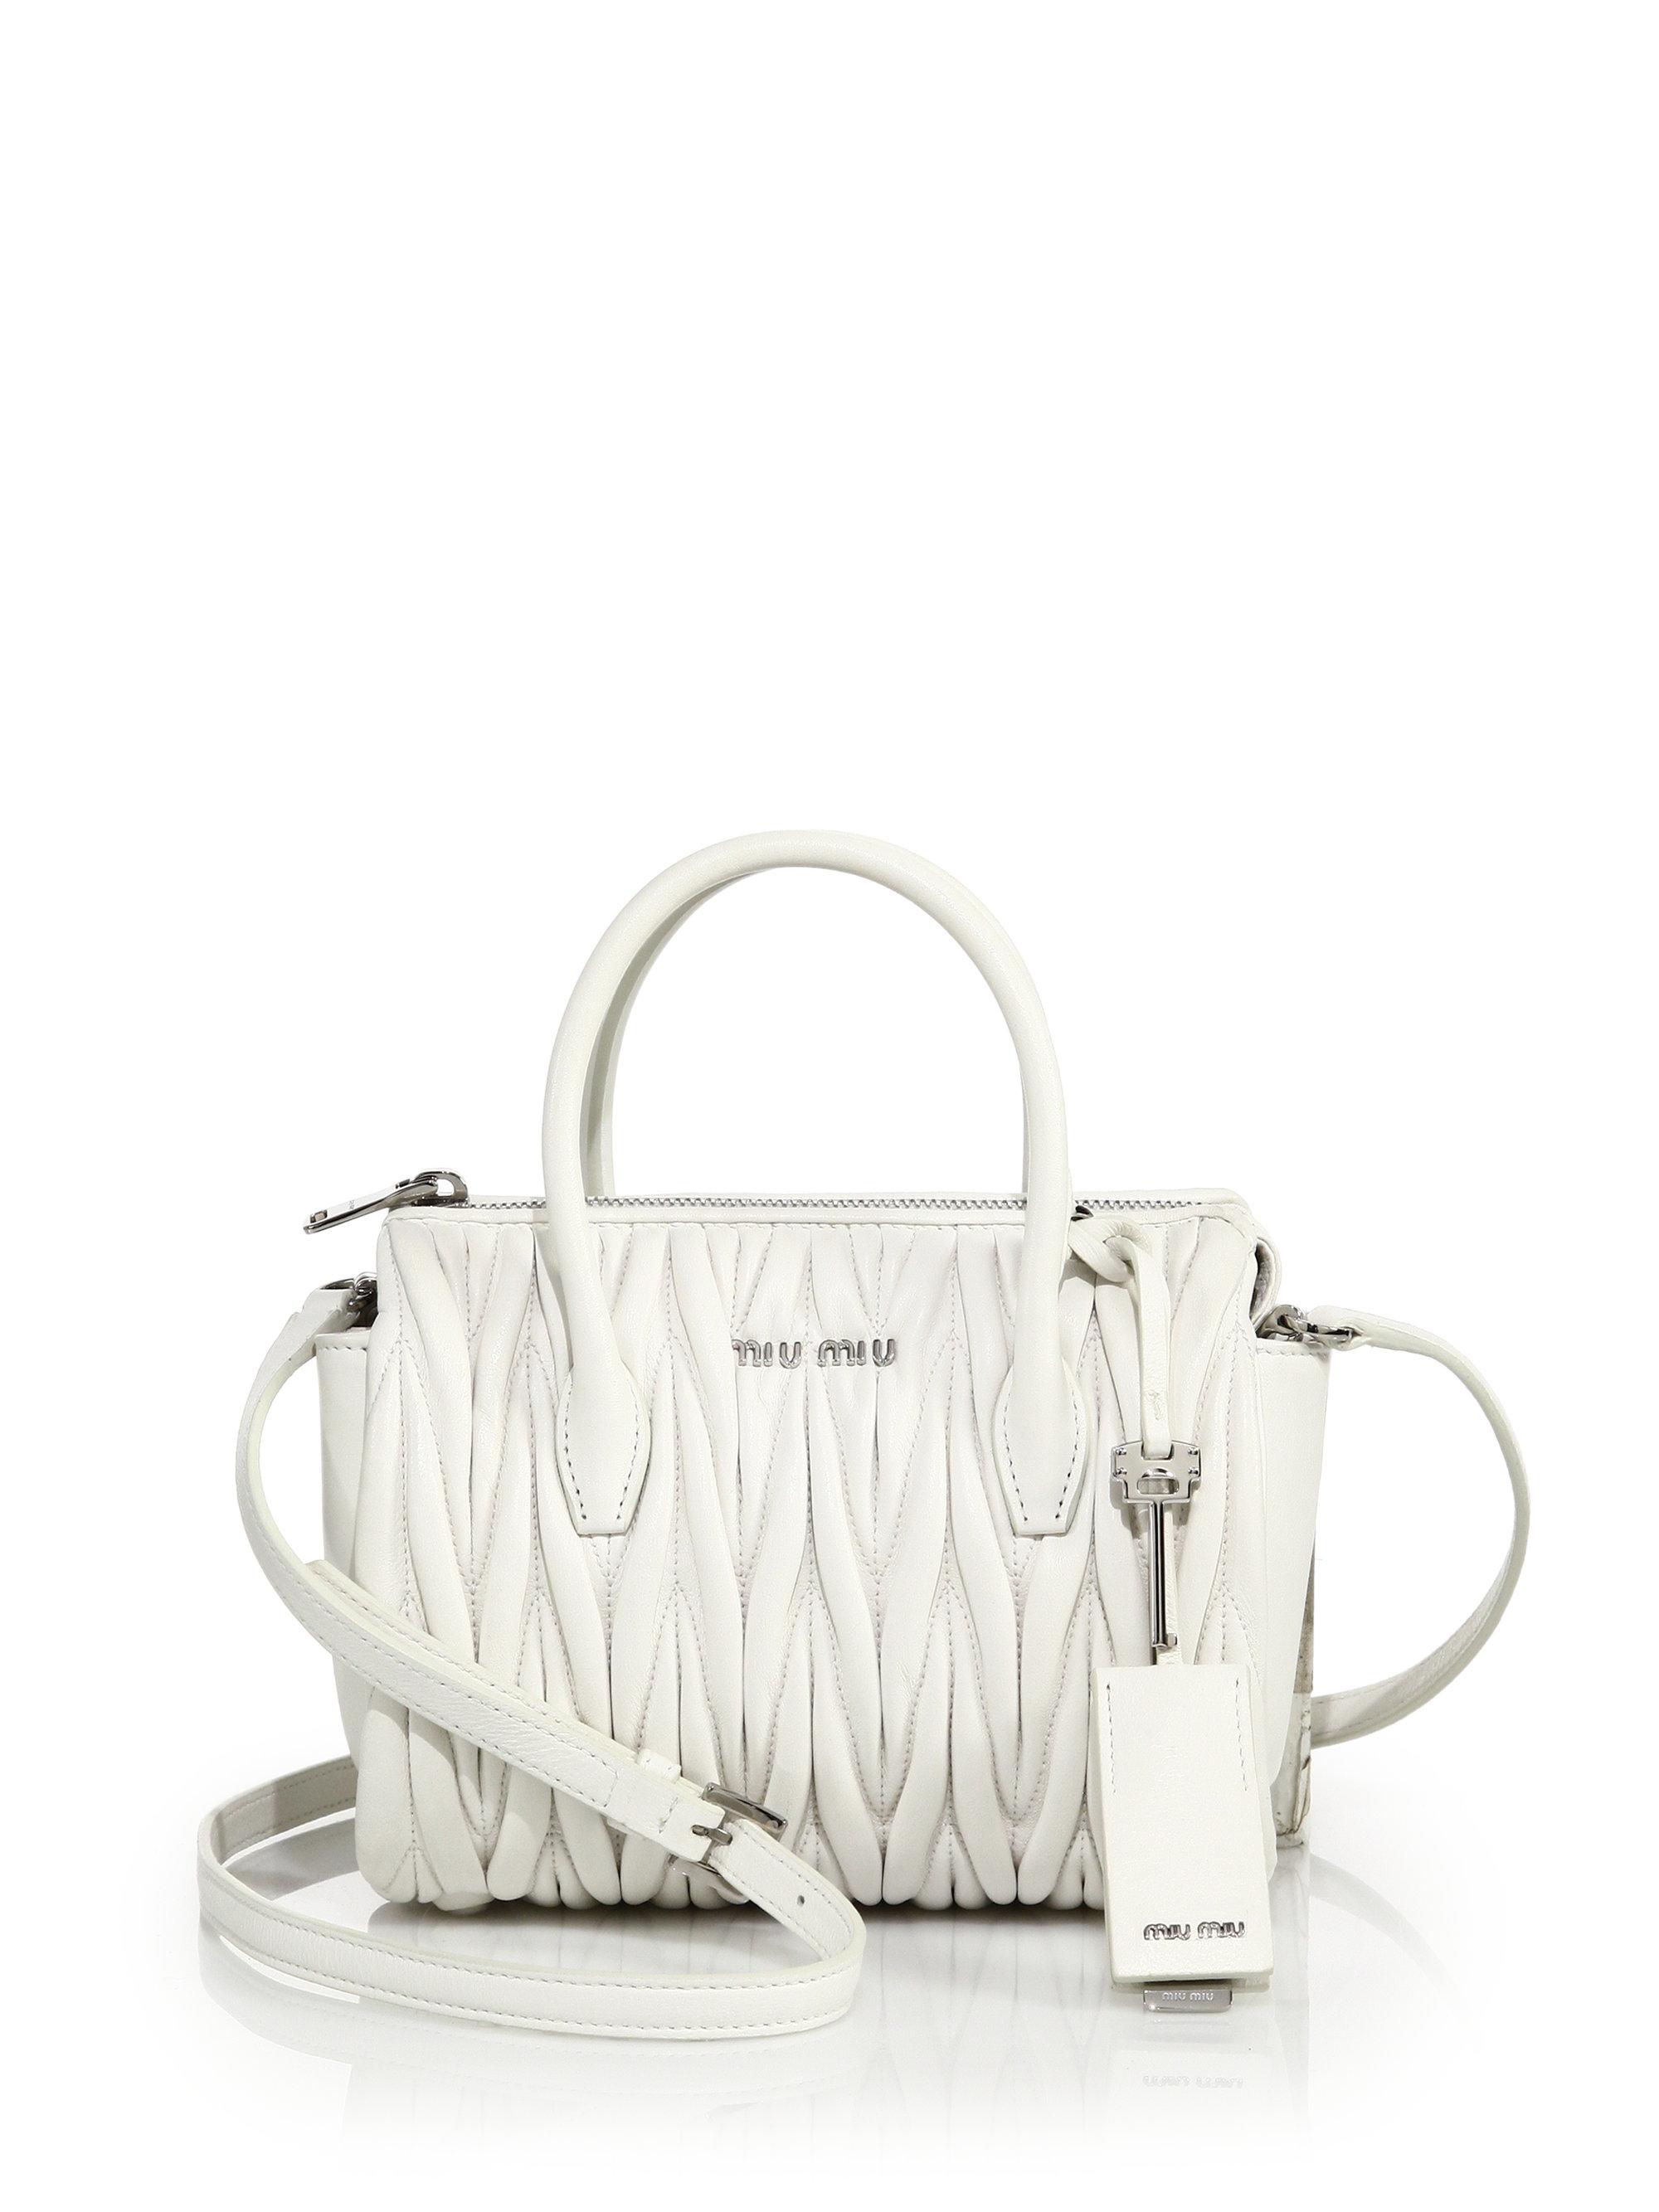 Lyst - Miu Miu Matelasse Mini Leather Zip Satchel in White ac26bcdde8a60